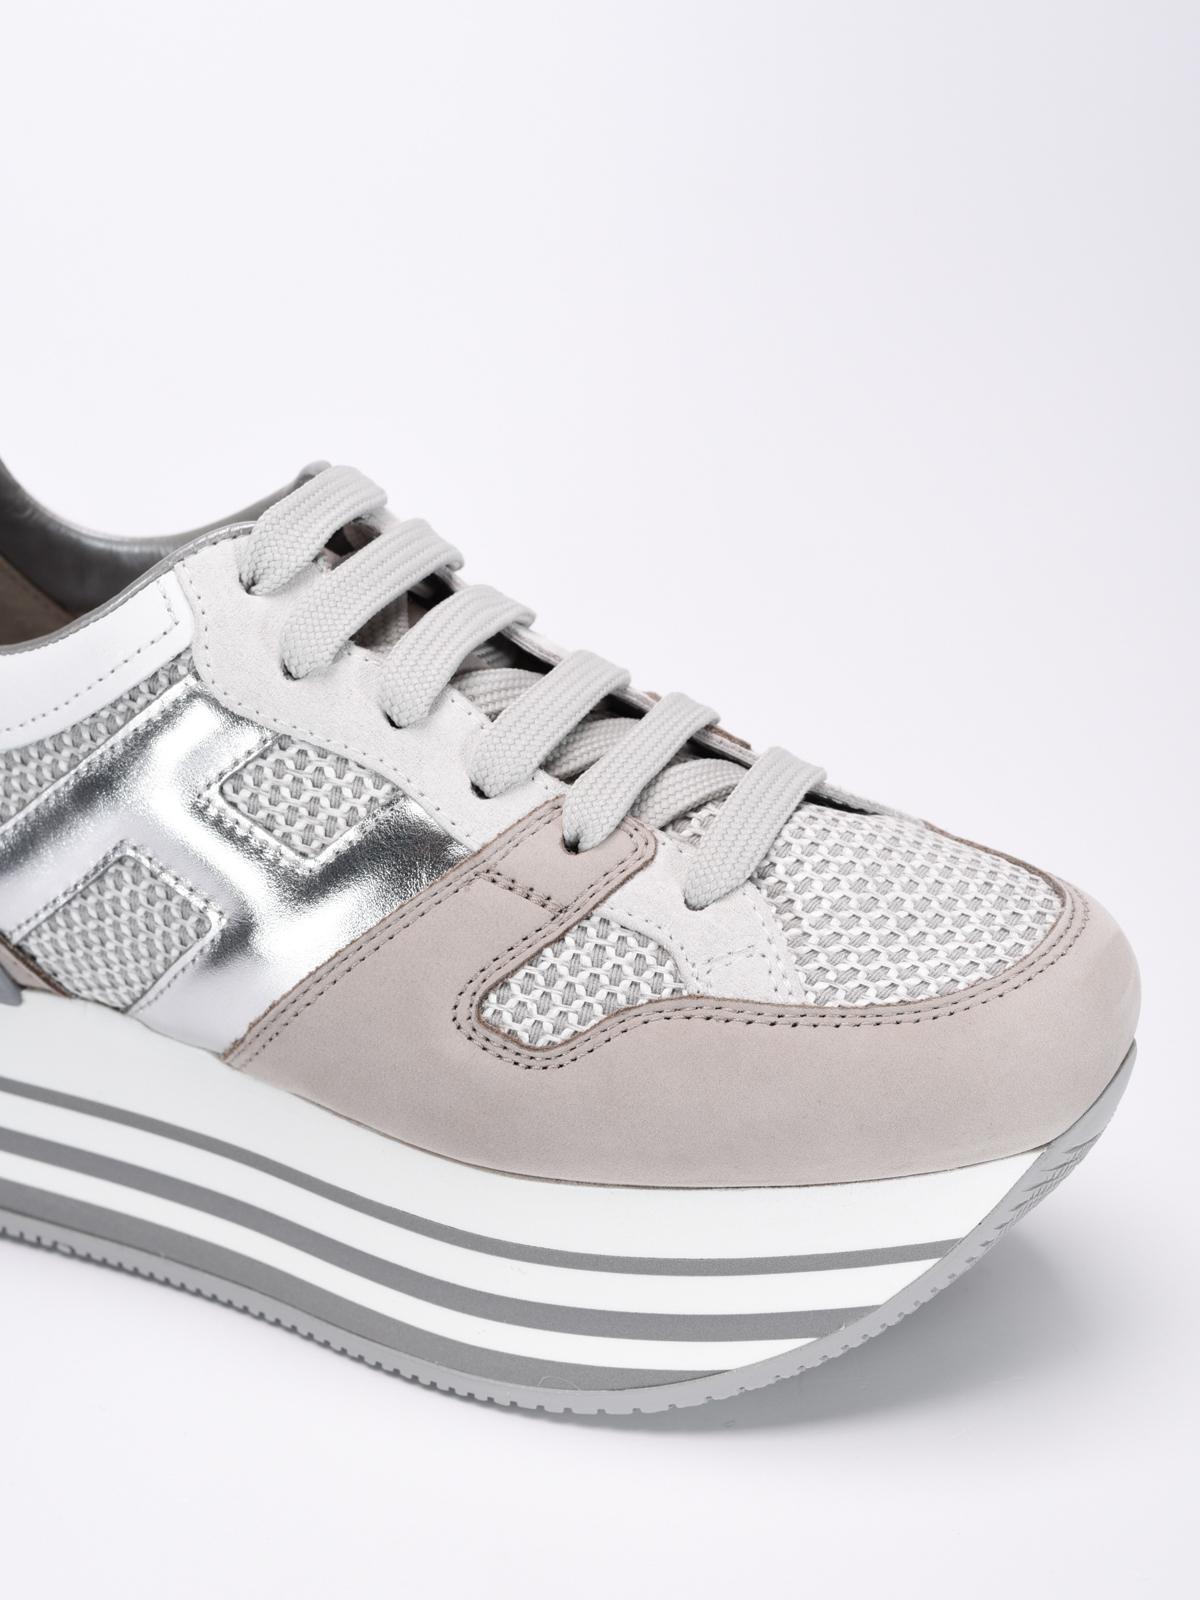 Hogan - H283 maxi sole sneakers - trainers - HXW2830U350FQ50QX3